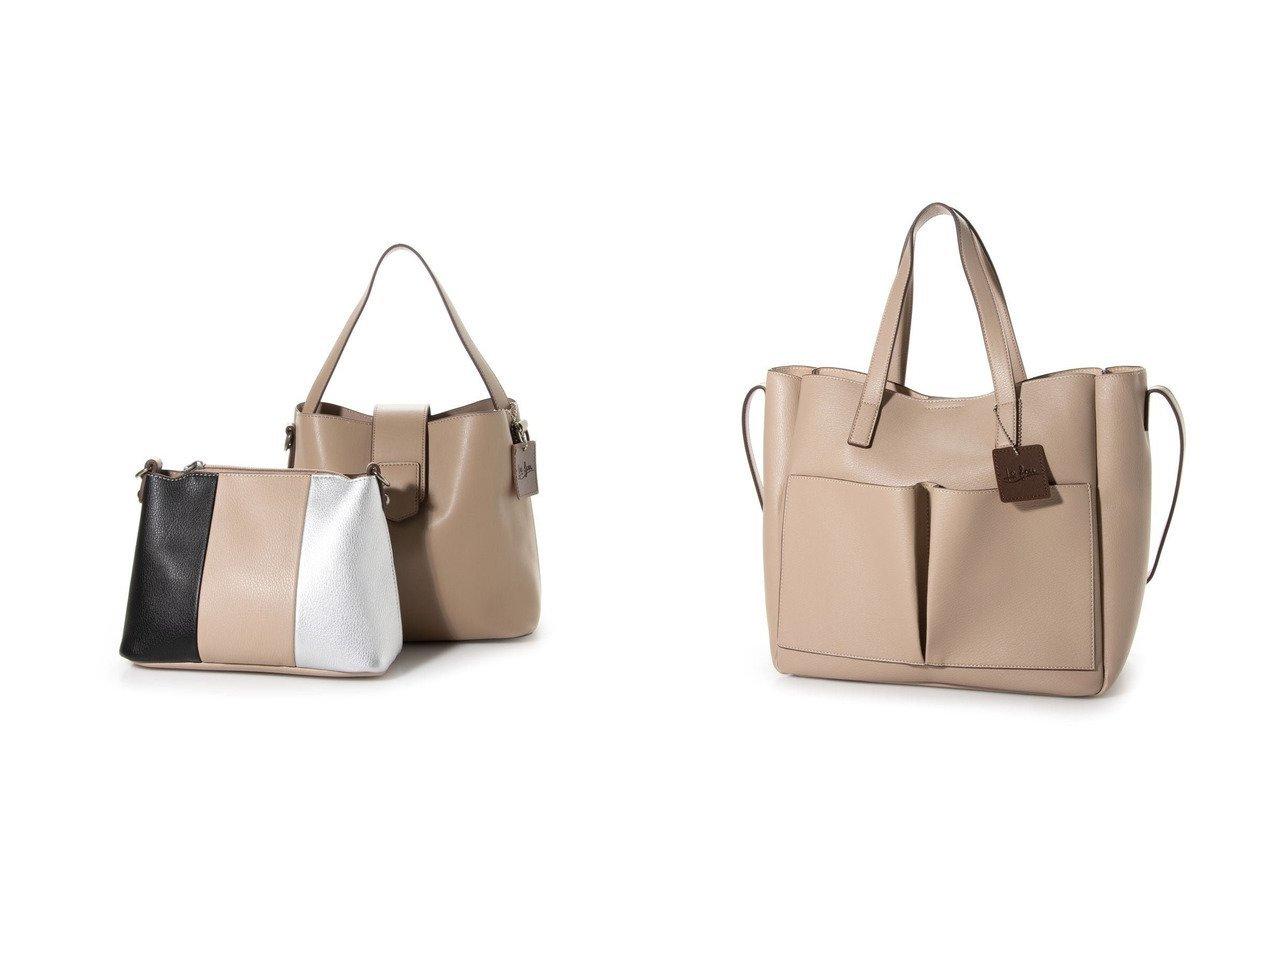 【Le son/ル ソン】のル ソン Le son 付け替えベルト付高機能バッグ&ル ソン Le son 2WAY撥水機能付き大容量バッグ バッグ・鞄のおすすめ!人気、トレンド・レディースファッションの通販 おすすめで人気の流行・トレンド、ファッションの通販商品 メンズファッション・キッズファッション・インテリア・家具・レディースファッション・服の通販 founy(ファニー) https://founy.com/ ファッション Fashion レディースファッション WOMEN バッグ Bag ベルト Belts シンプル ポーチ 財布 |ID:crp329100000015003